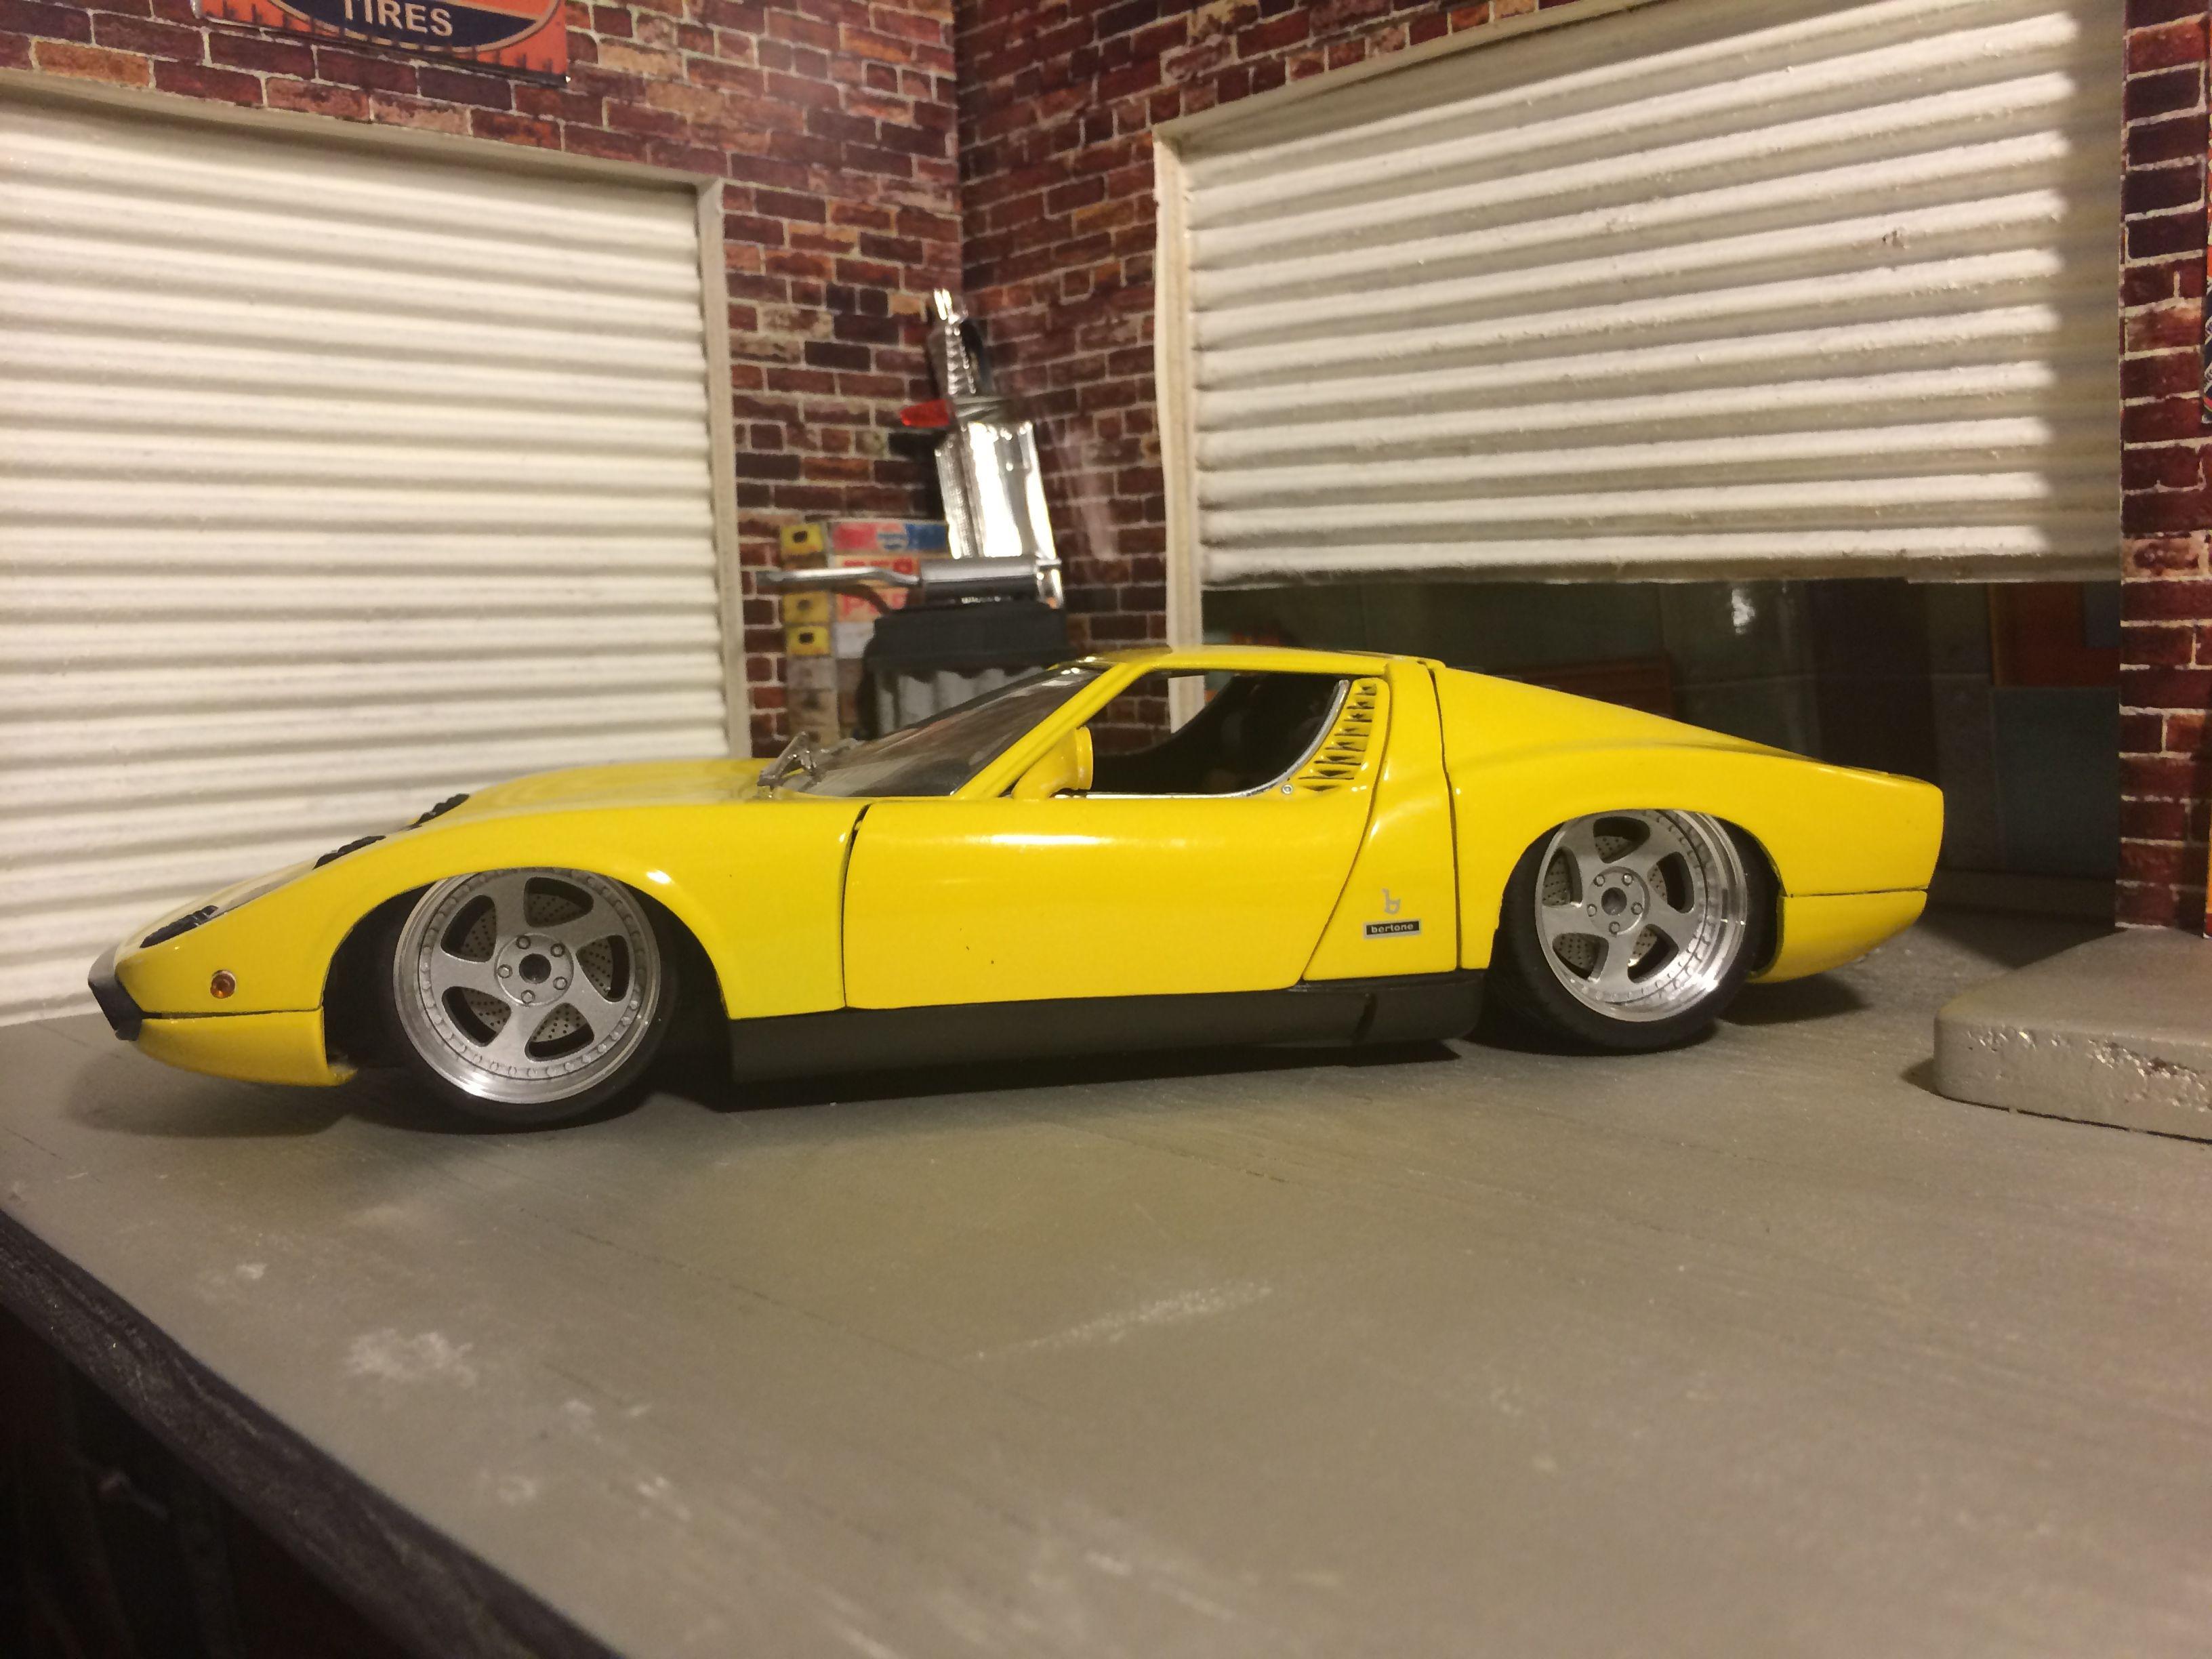 af399244fad986179e1d84db1a27b1ec Cool Lamborghini Countach Diecast 1 18 Cars Trend